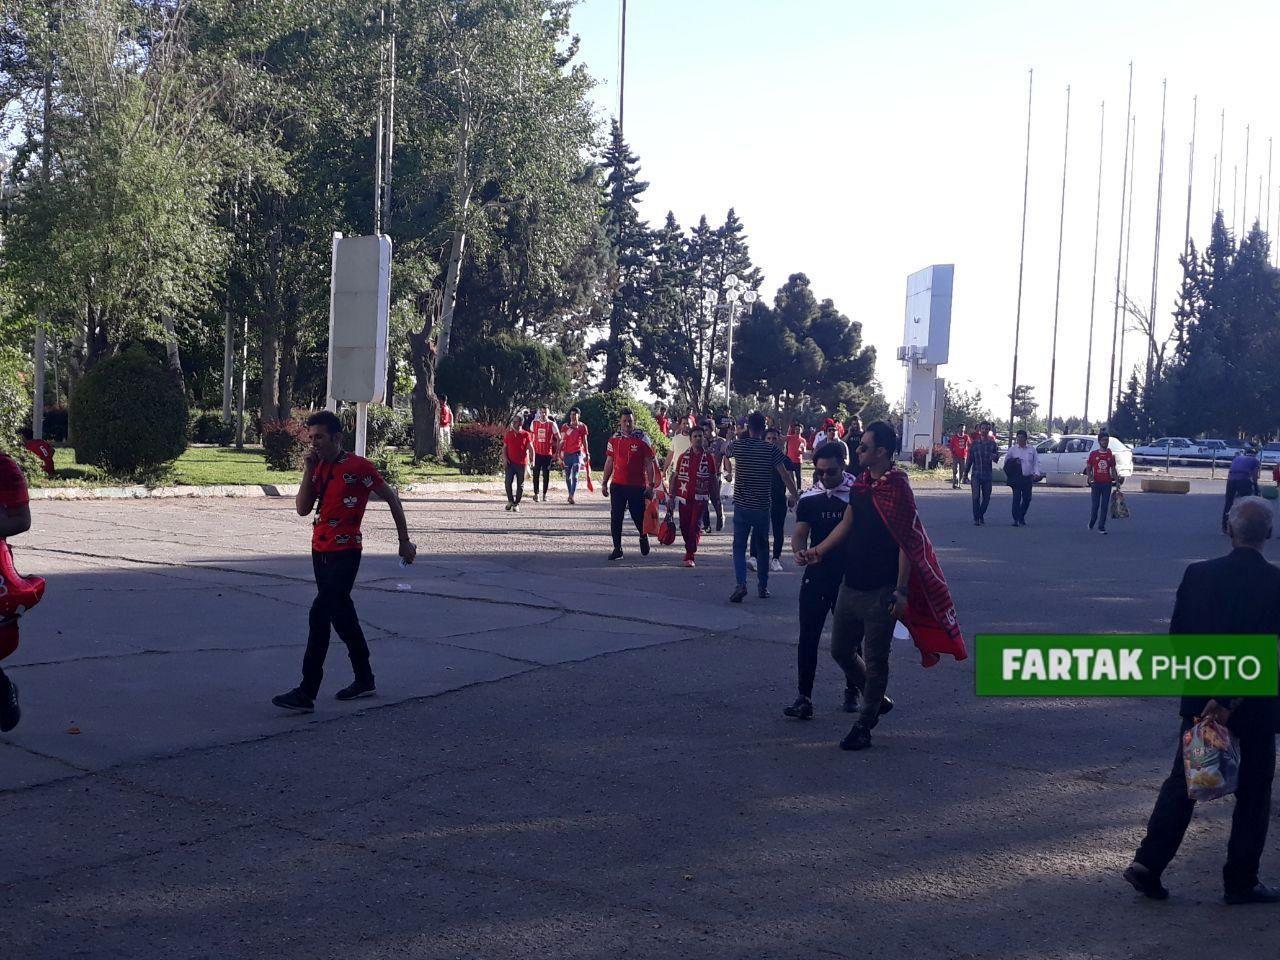 اختصاصی / گزارش تصویری چند ساعت قبل از دیدار پرسپولیس و ماشین سازی